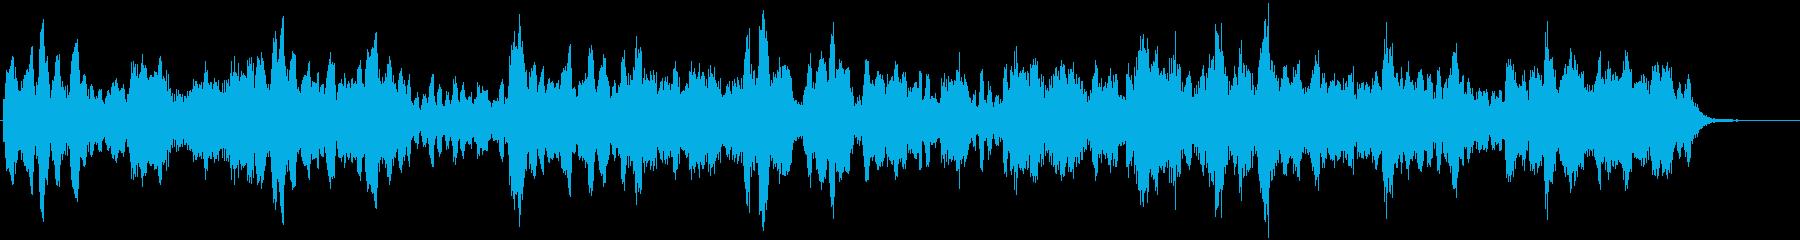 孤立無援な状況のサスペンスの再生済みの波形